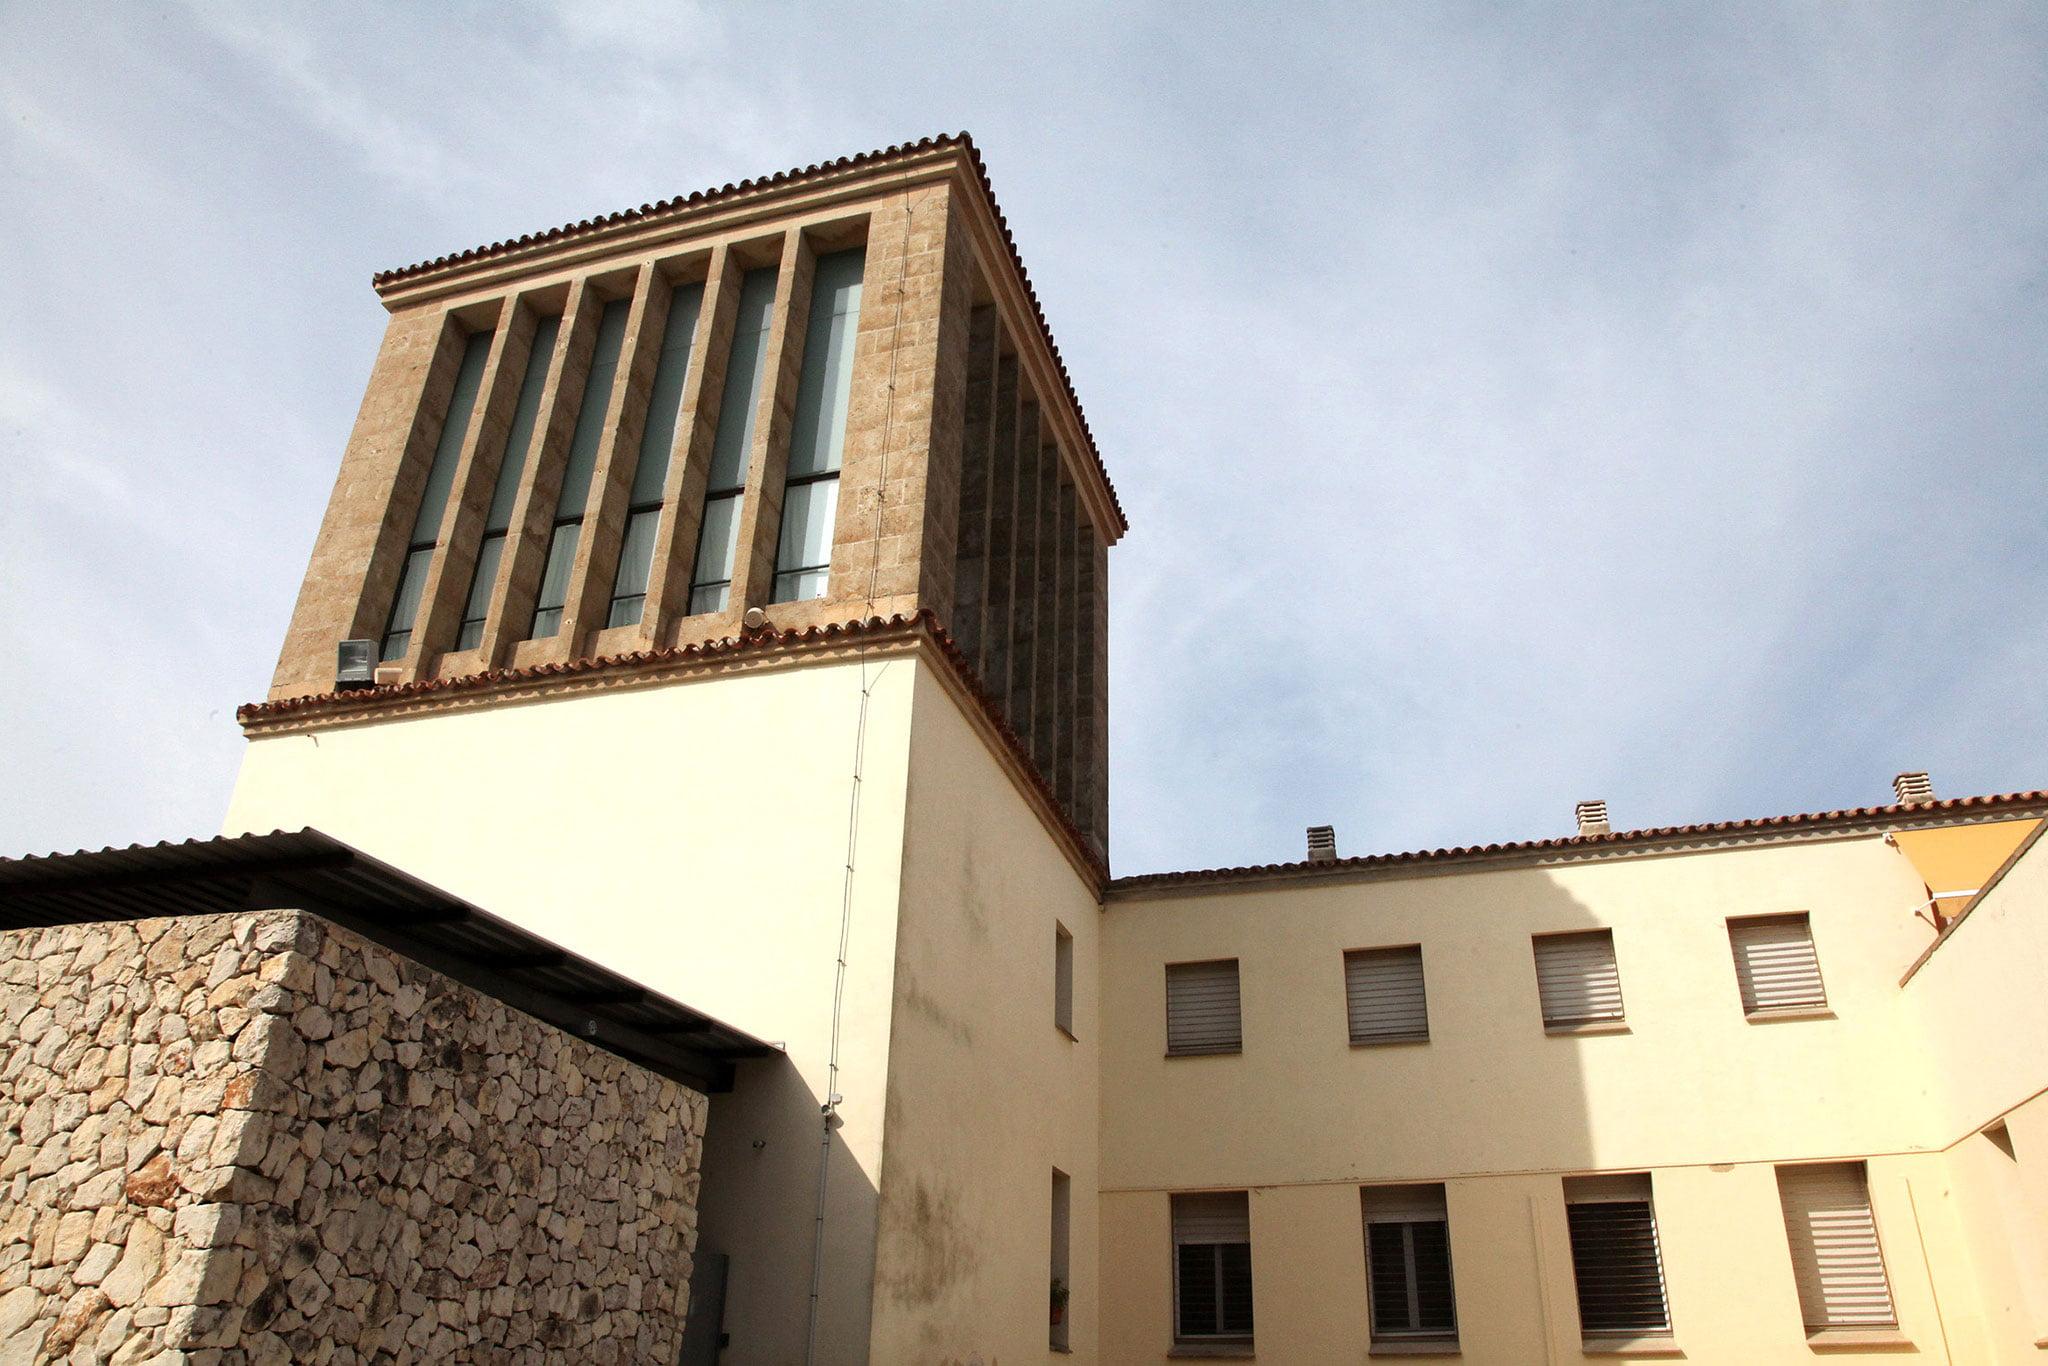 Torre campanario del Santuari de la Mare de Déu dels Àngels de Xàbia